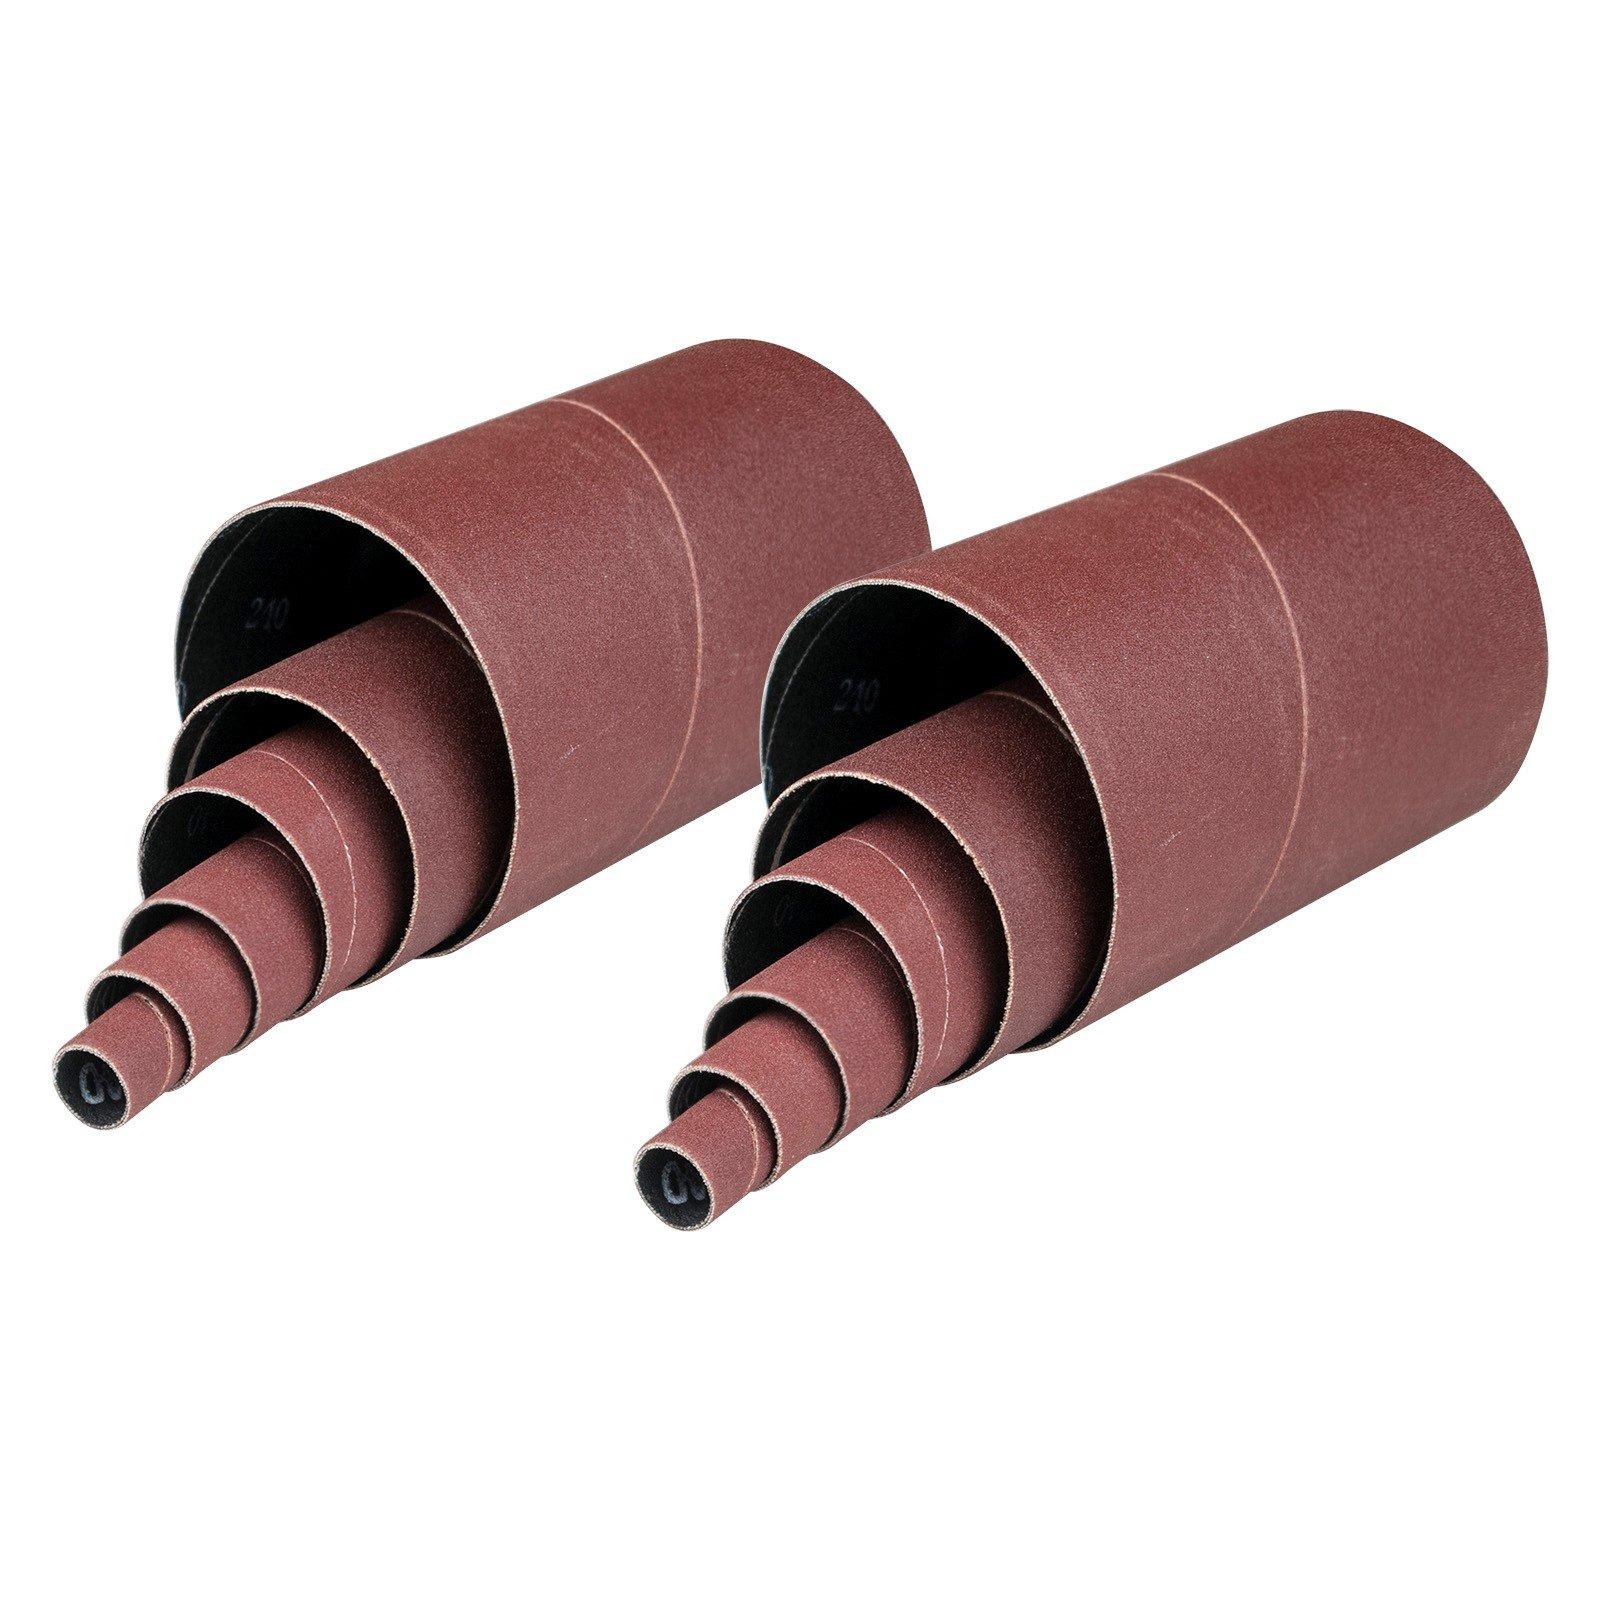 POWERTEC 11220 60 Grit Sanding Sleeves (12 Pack), 4-1/2''